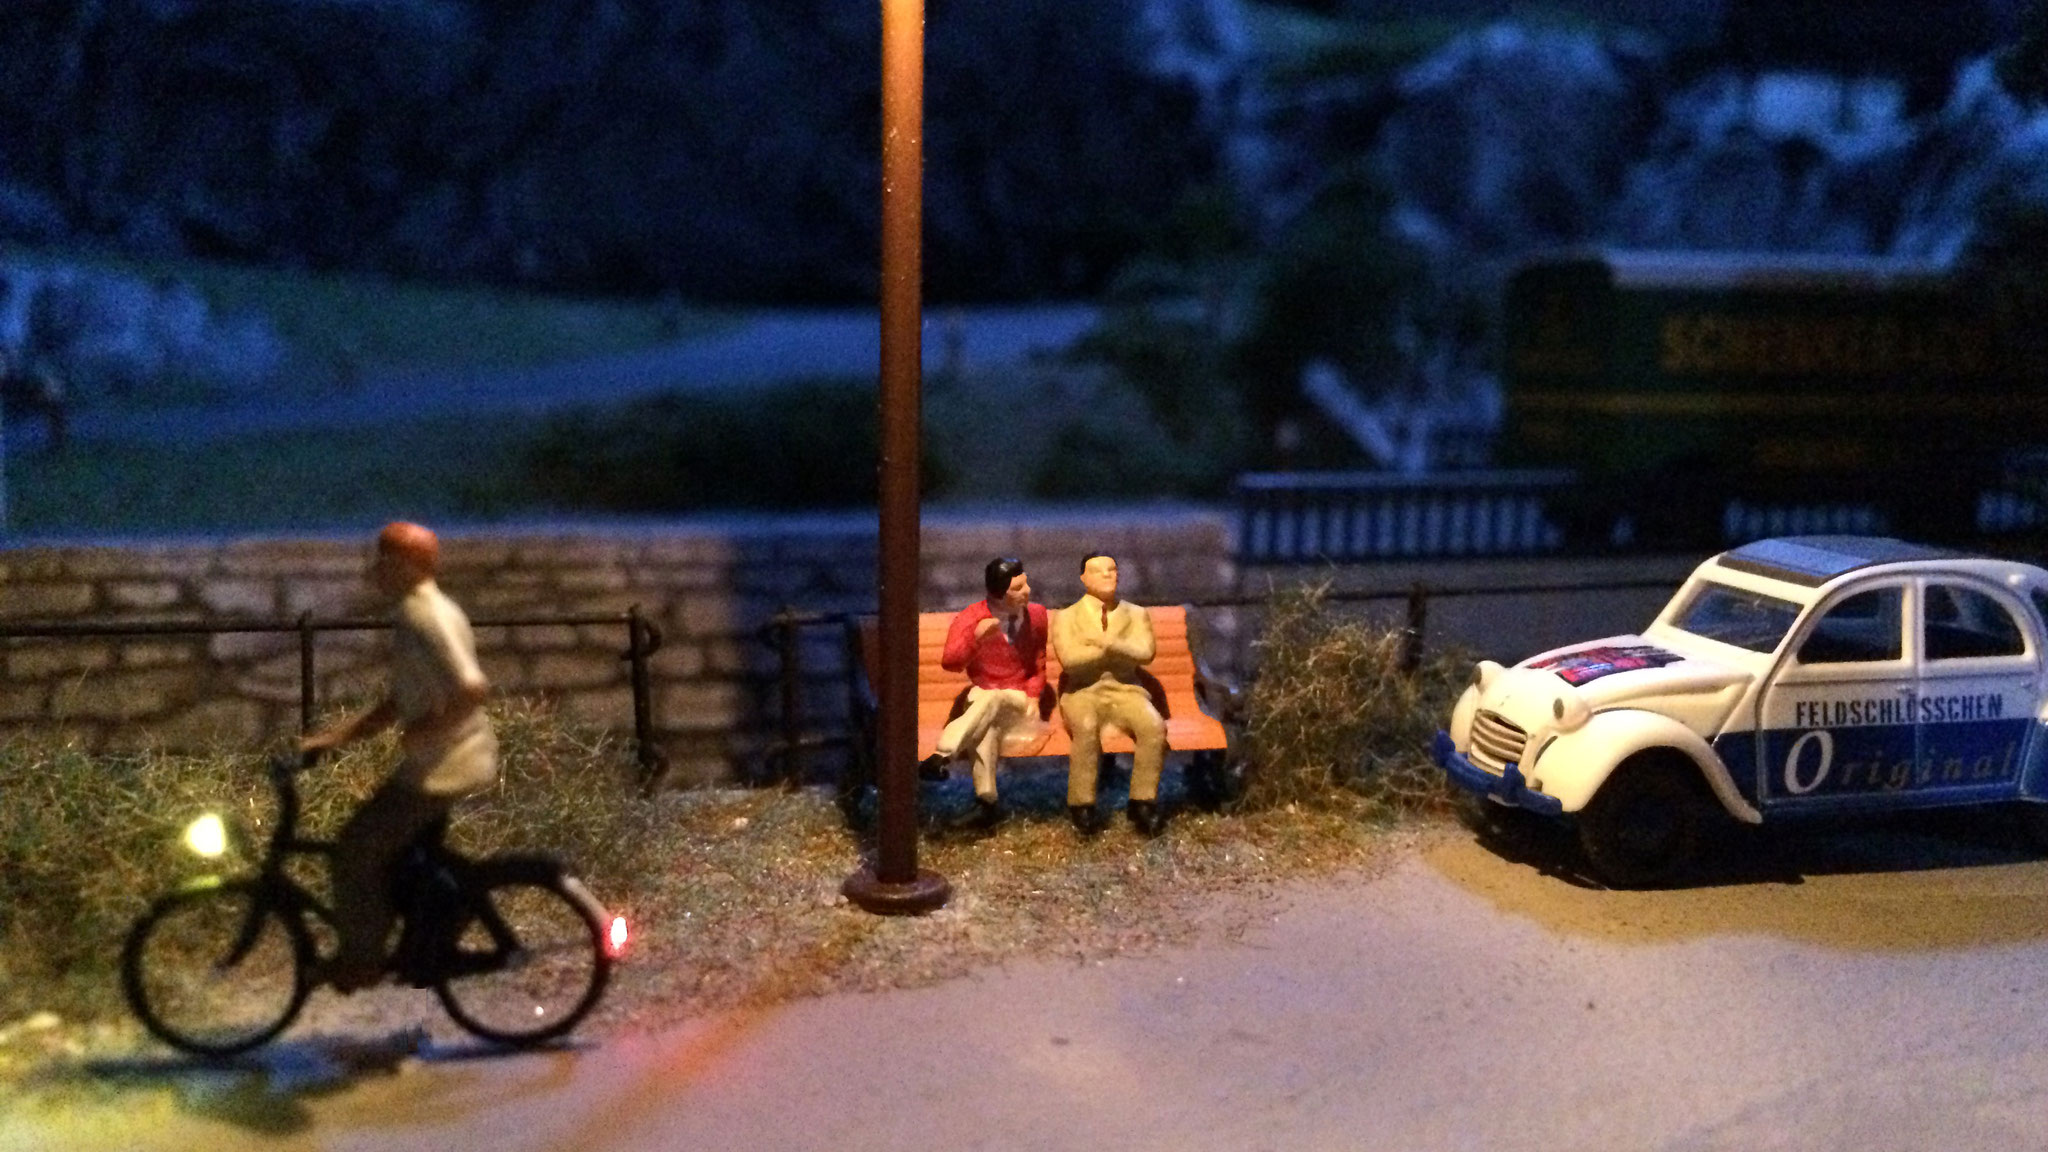 Der Huber Robert macht noch eine kleine Spazierfahrt am Abend, natürlich mit vorschriftsmäßiger Beleuchtung.